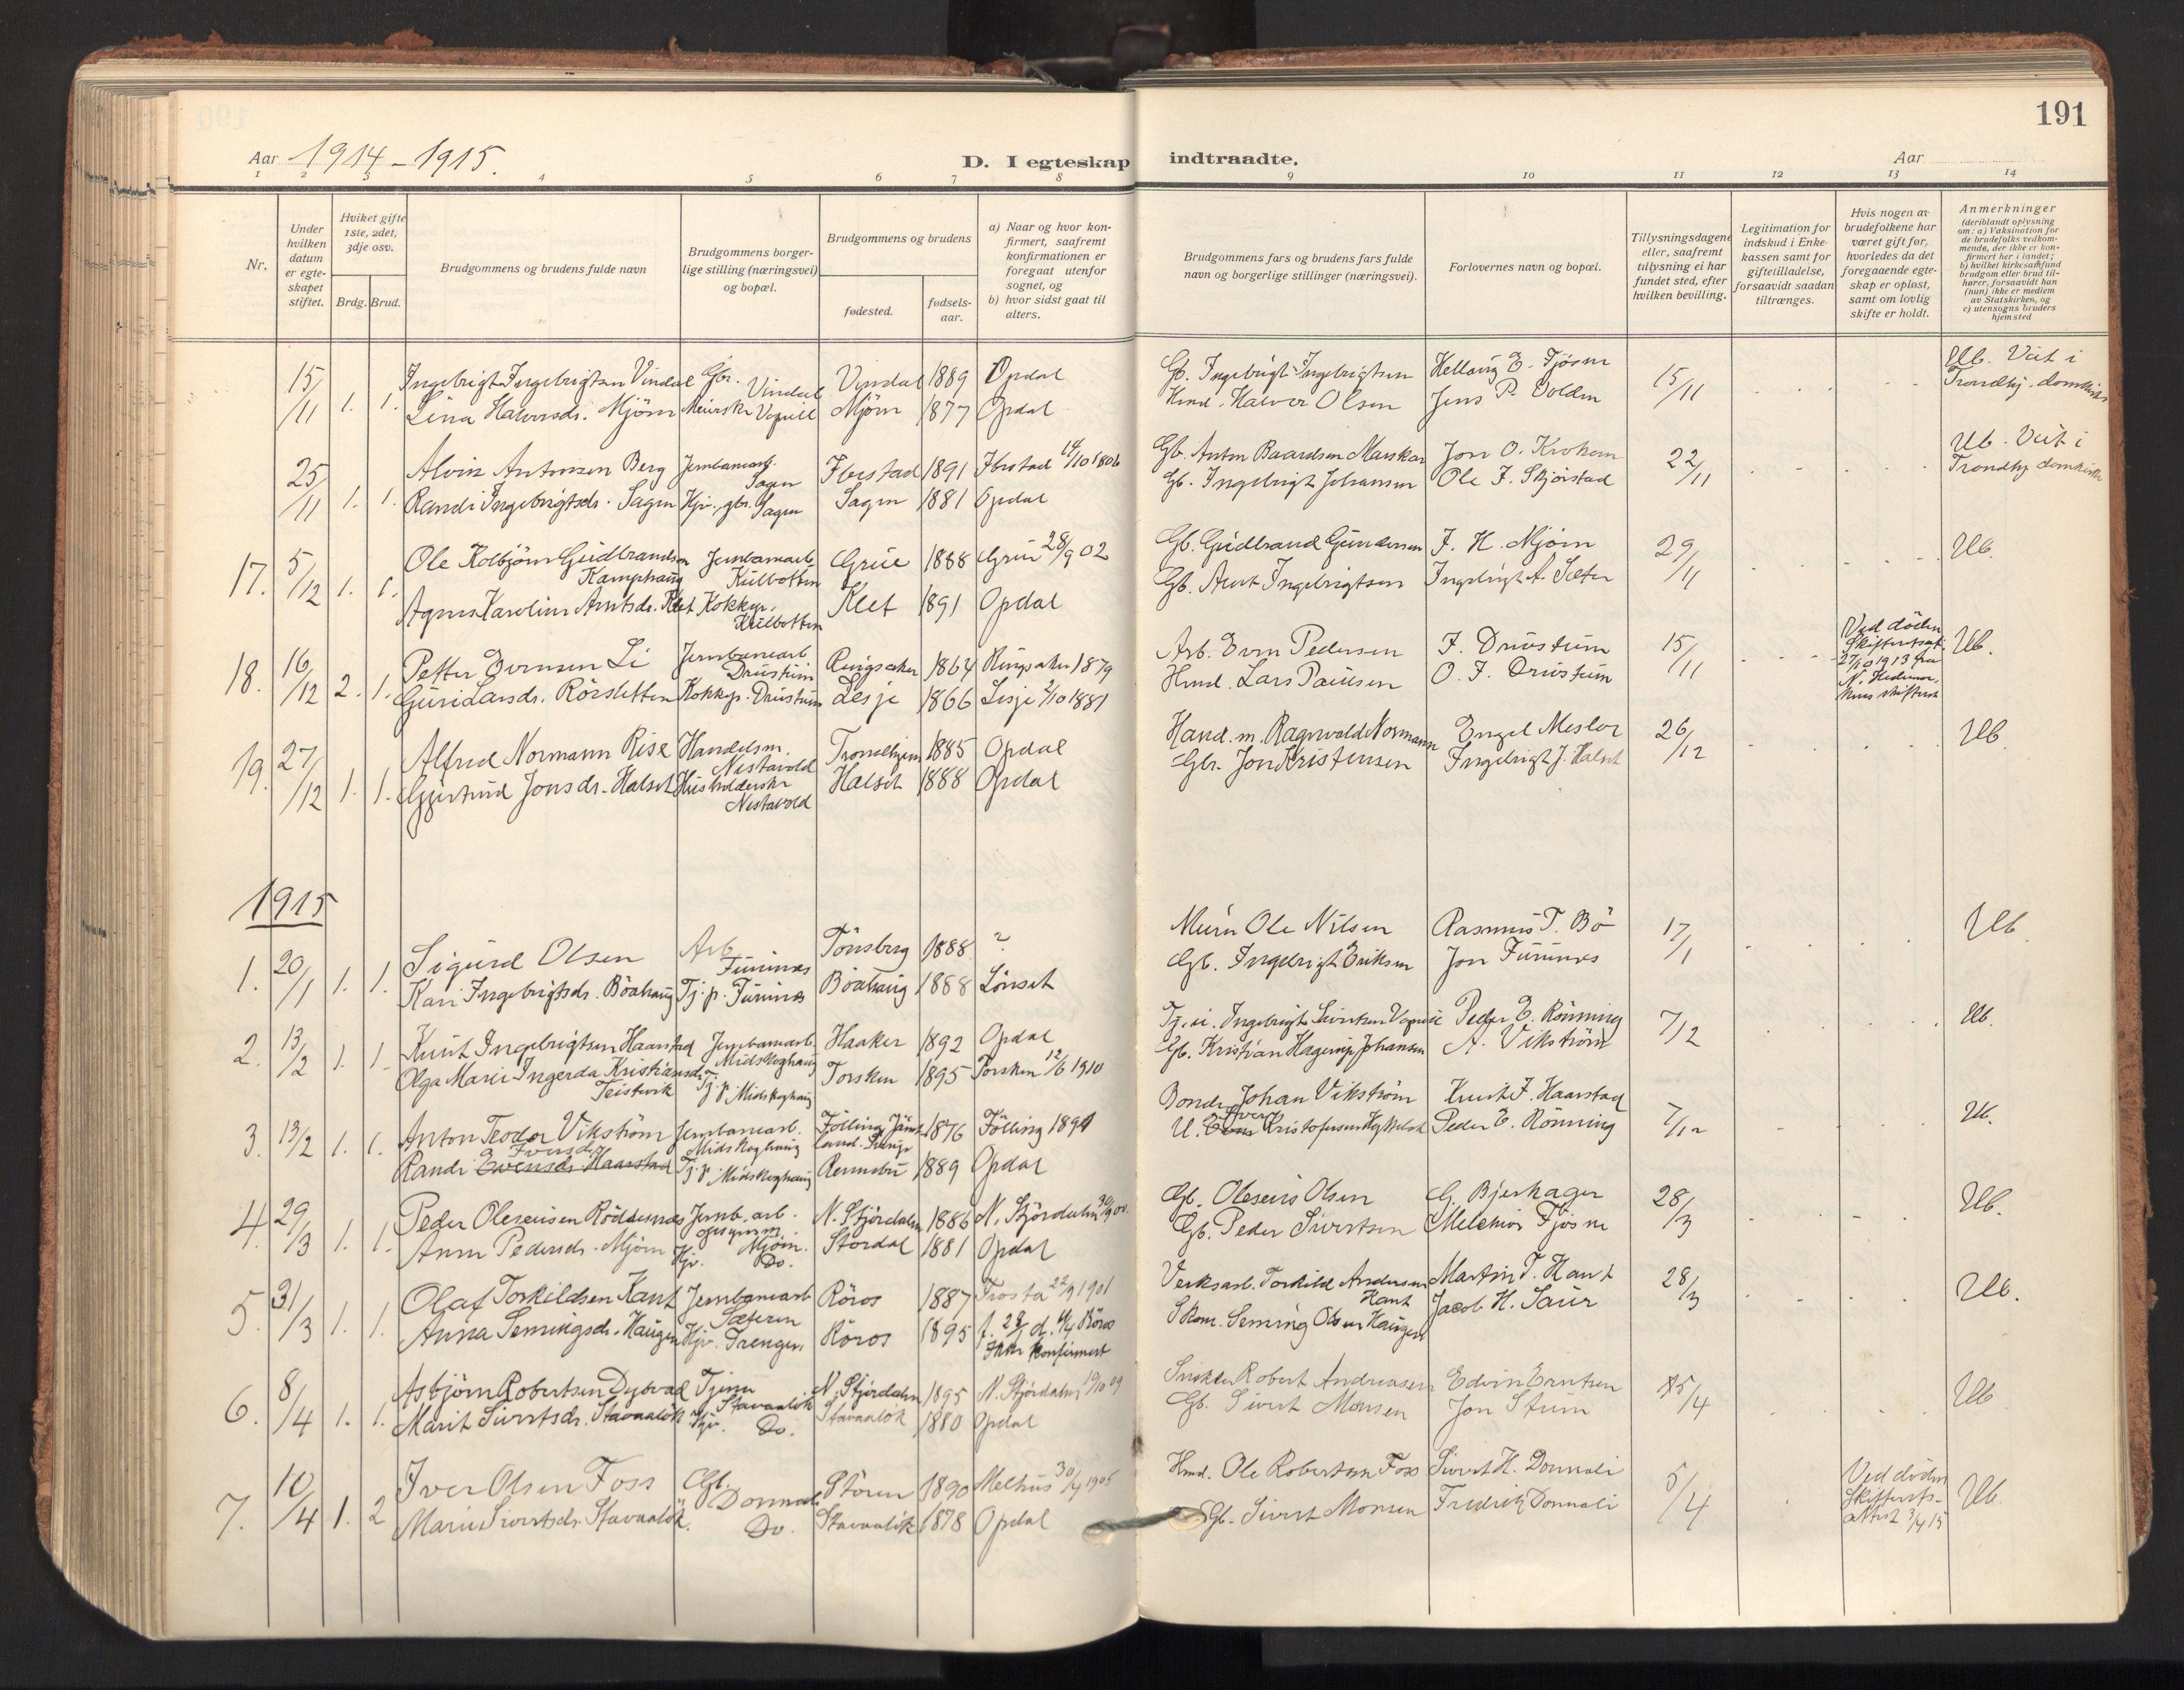 SAT, Ministerialprotokoller, klokkerbøker og fødselsregistre - Sør-Trøndelag, 678/L0909: Ministerialbok nr. 678A17, 1912-1930, s. 191